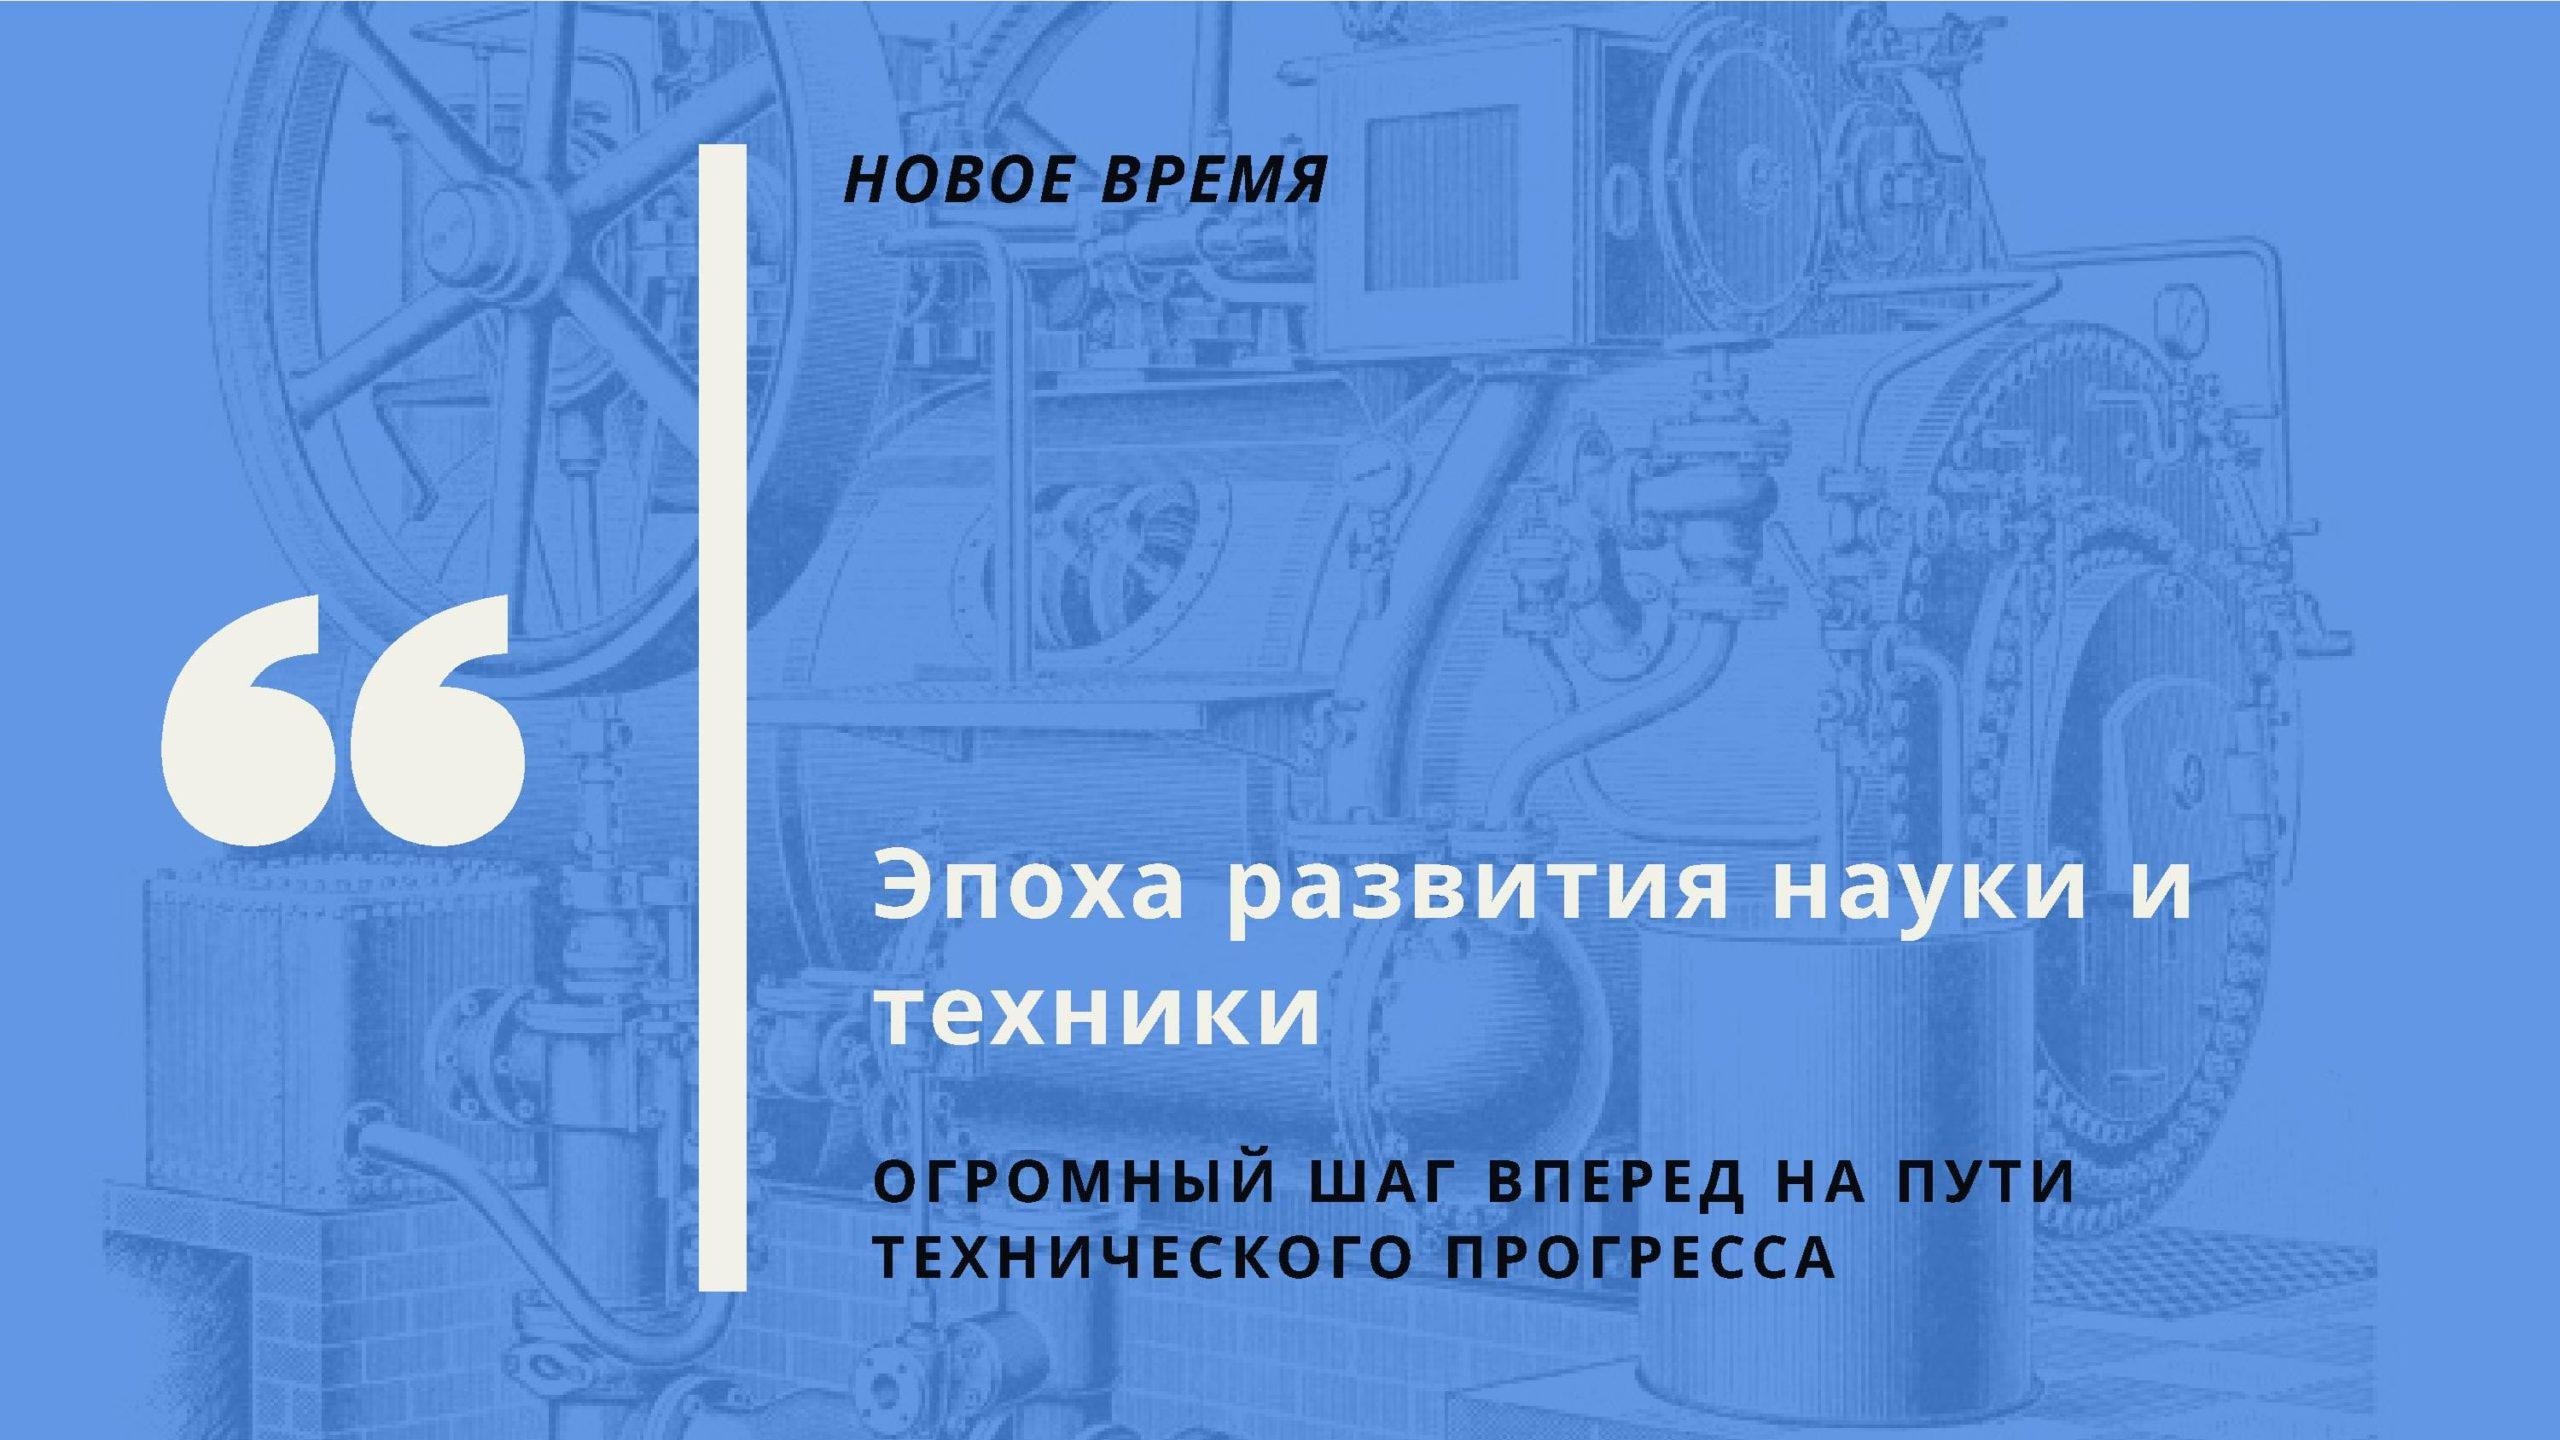 Эпоха развития науки и техники